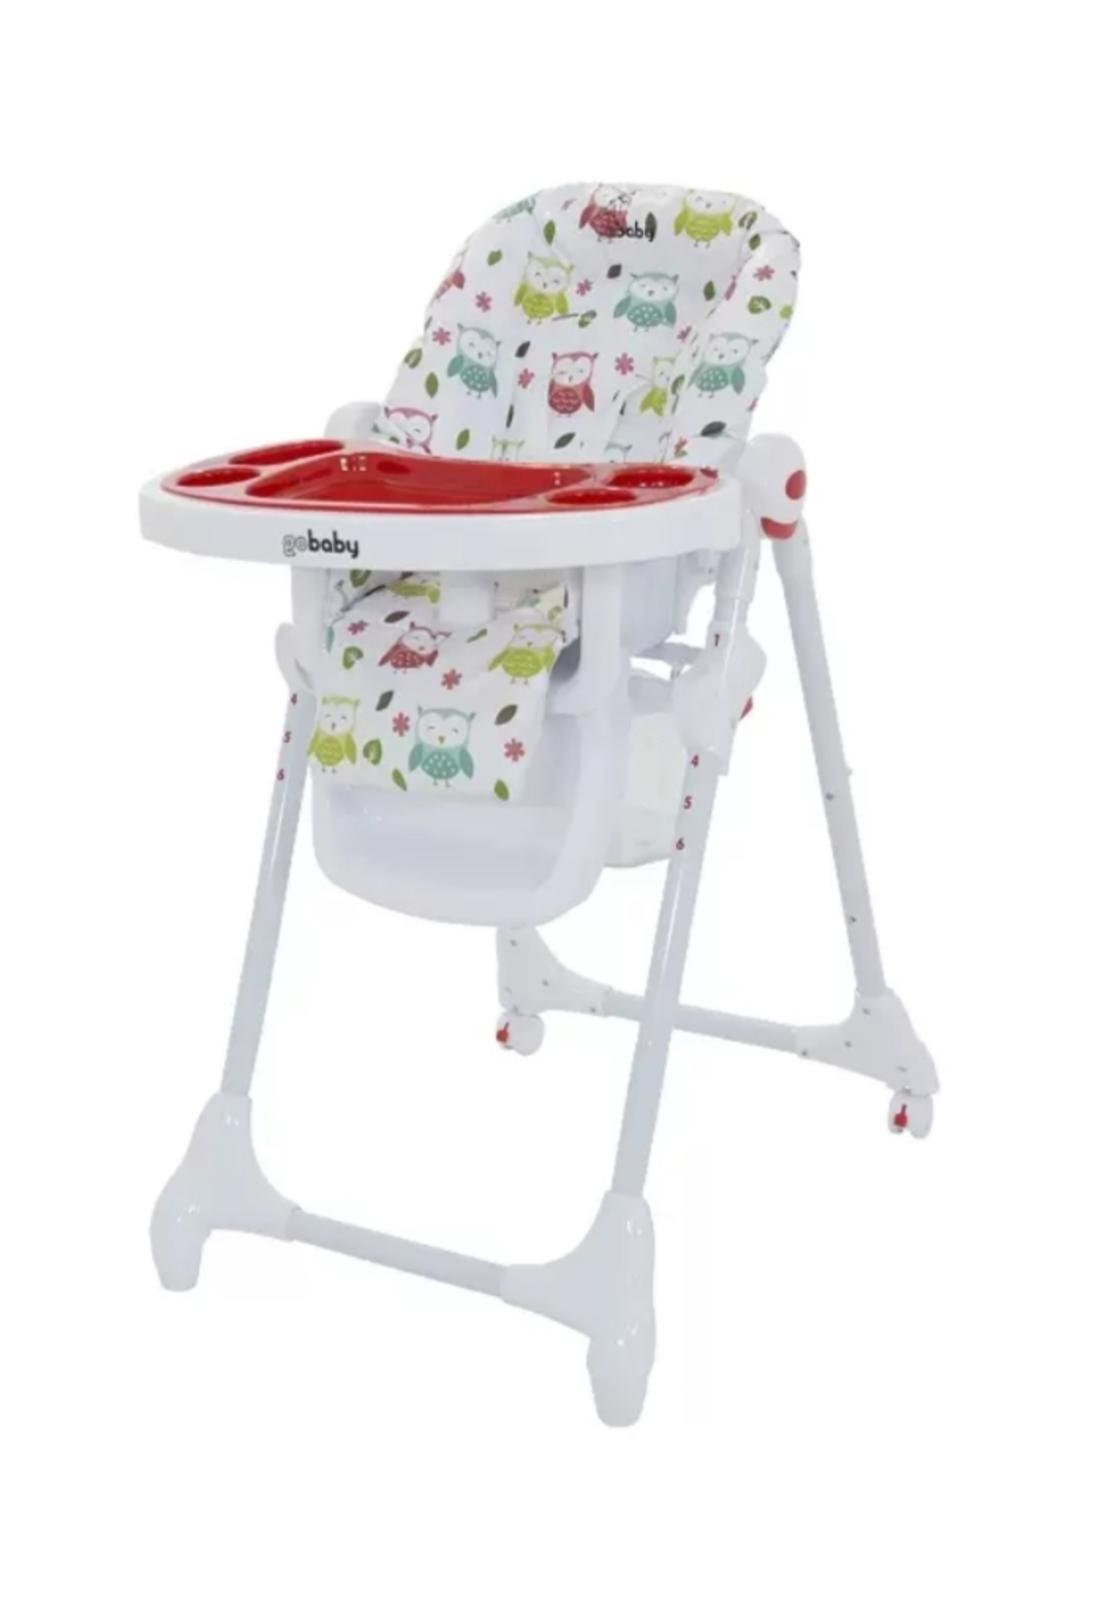 כיסא אוכל Go Baby